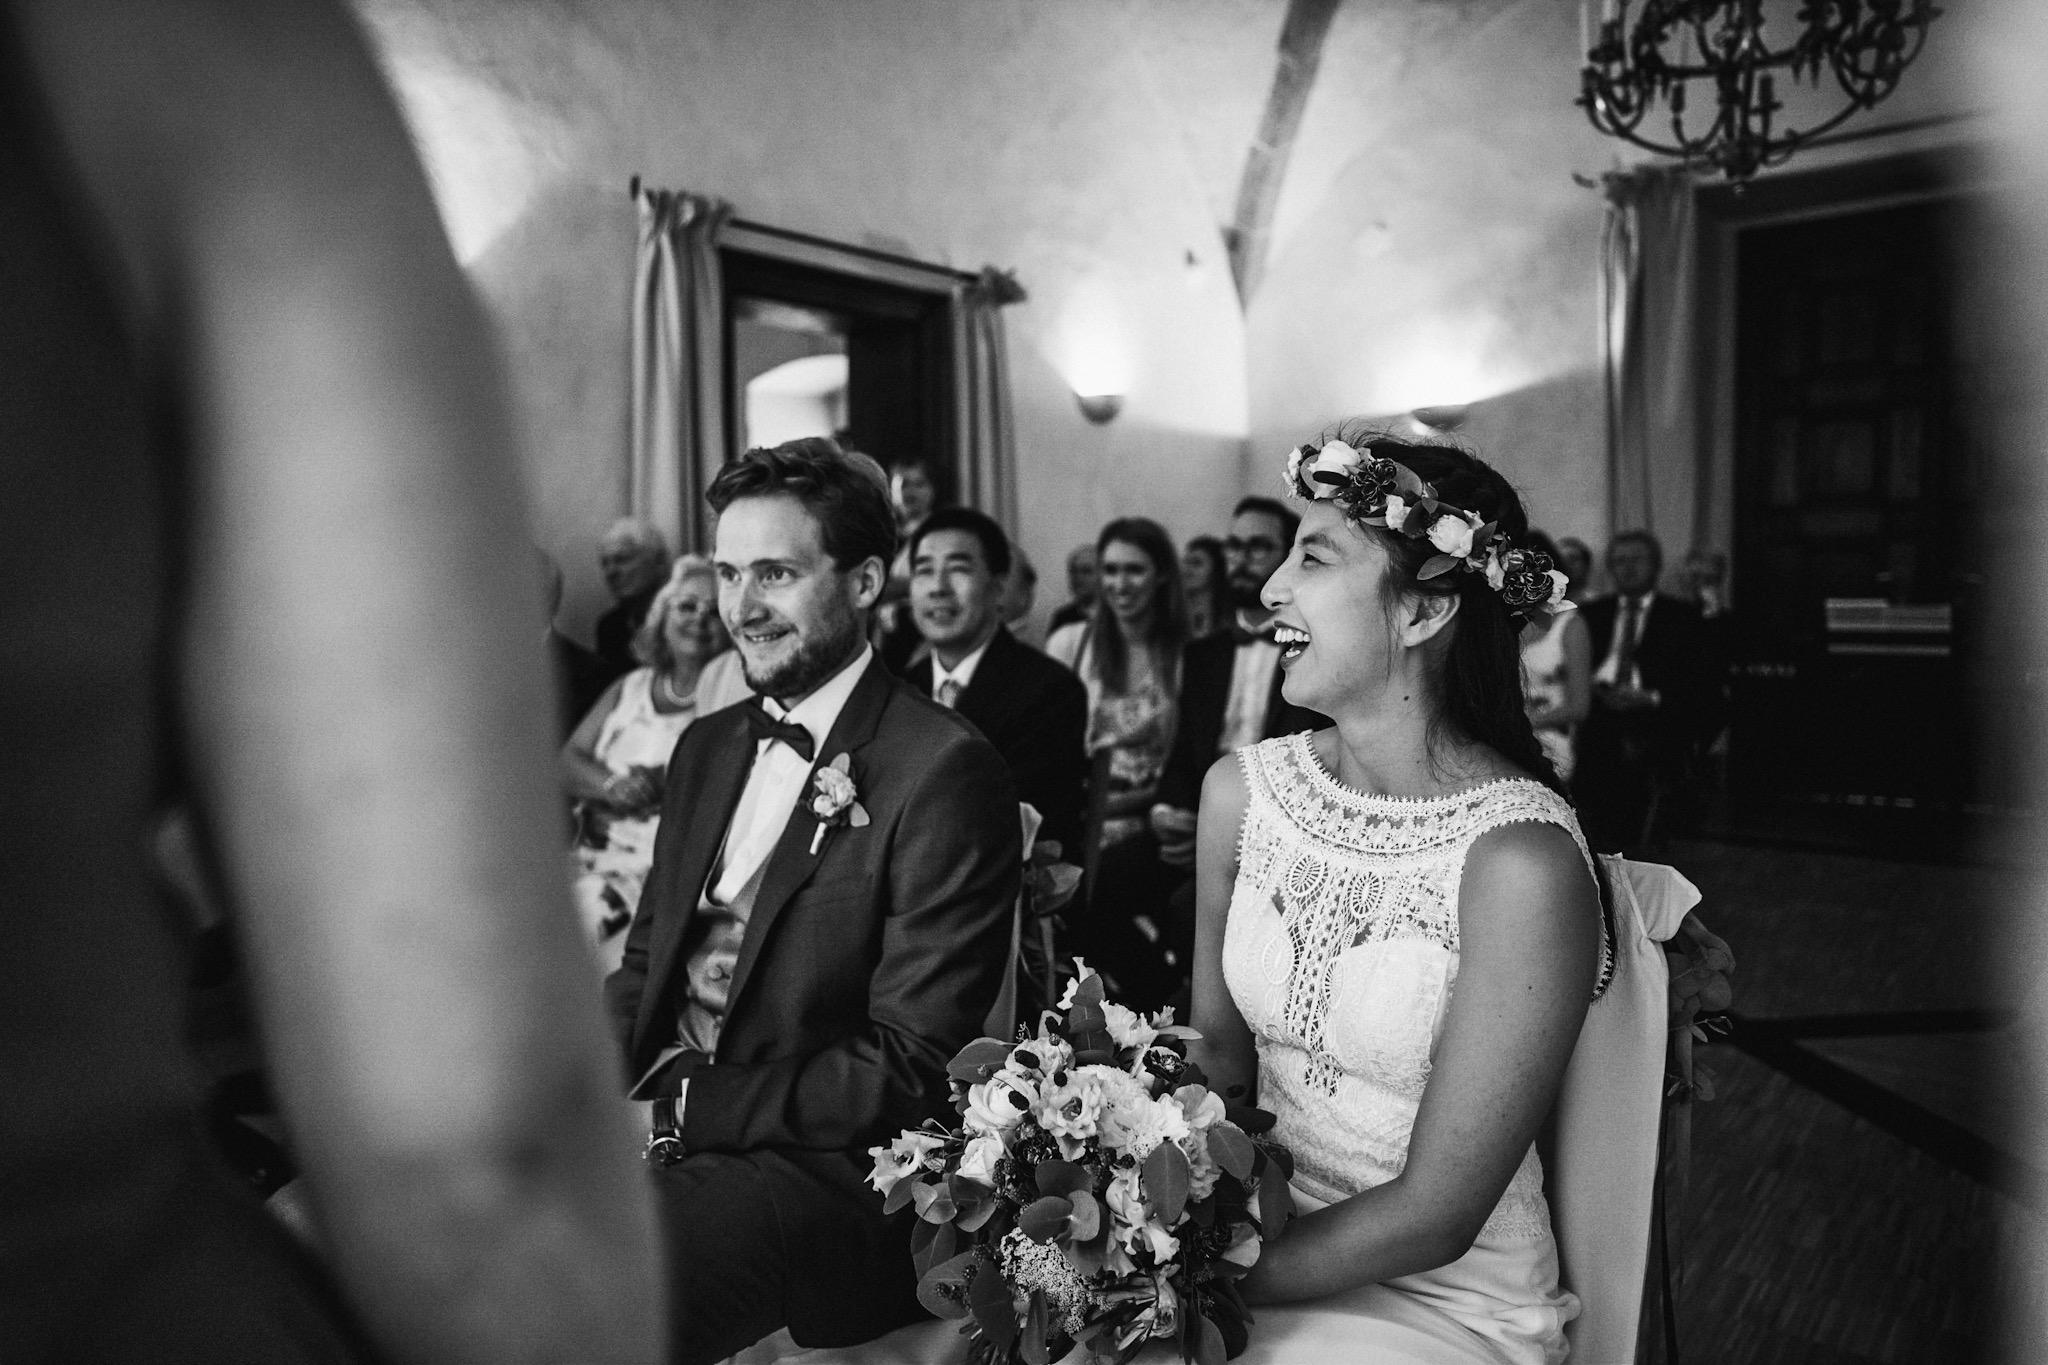 891437FA 433D 4B70 8D53 5C578E13A7C0 - Hochzeit auf der Mittelburg